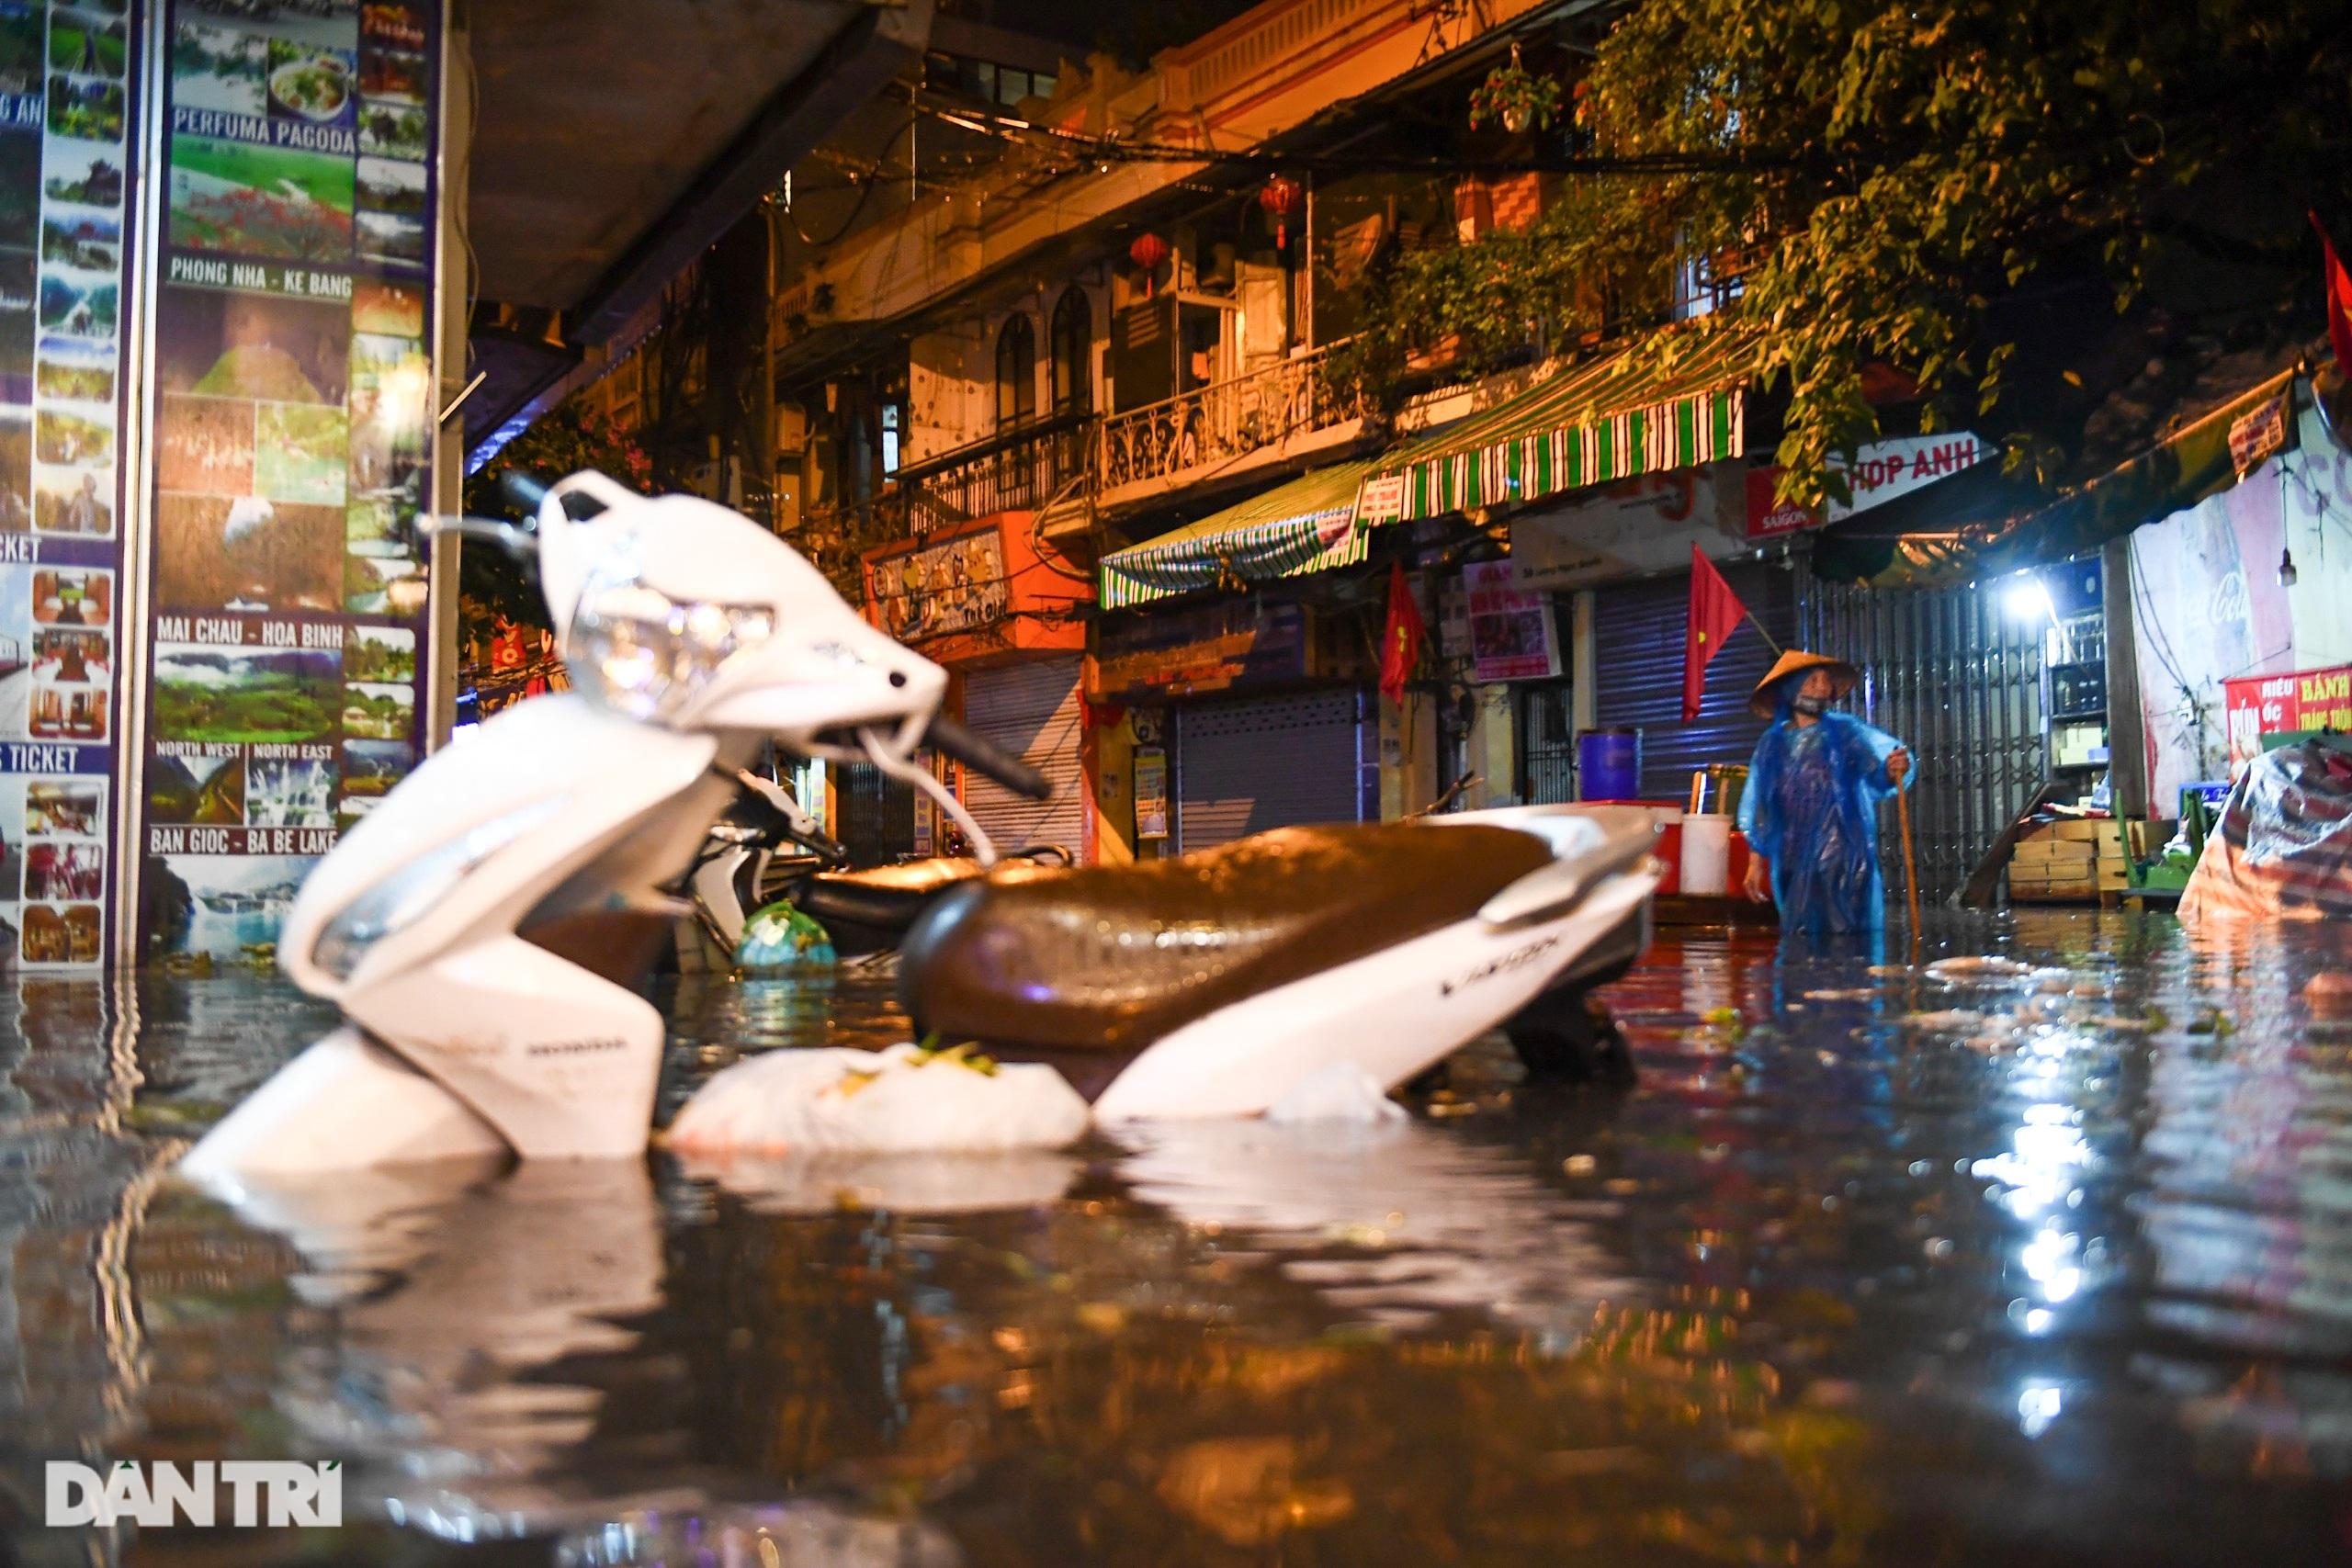 Hà Nội ngập sâu trong nước sau cơn mưa ngắn chưa đầy 1 tiếng đồng hồ - 5